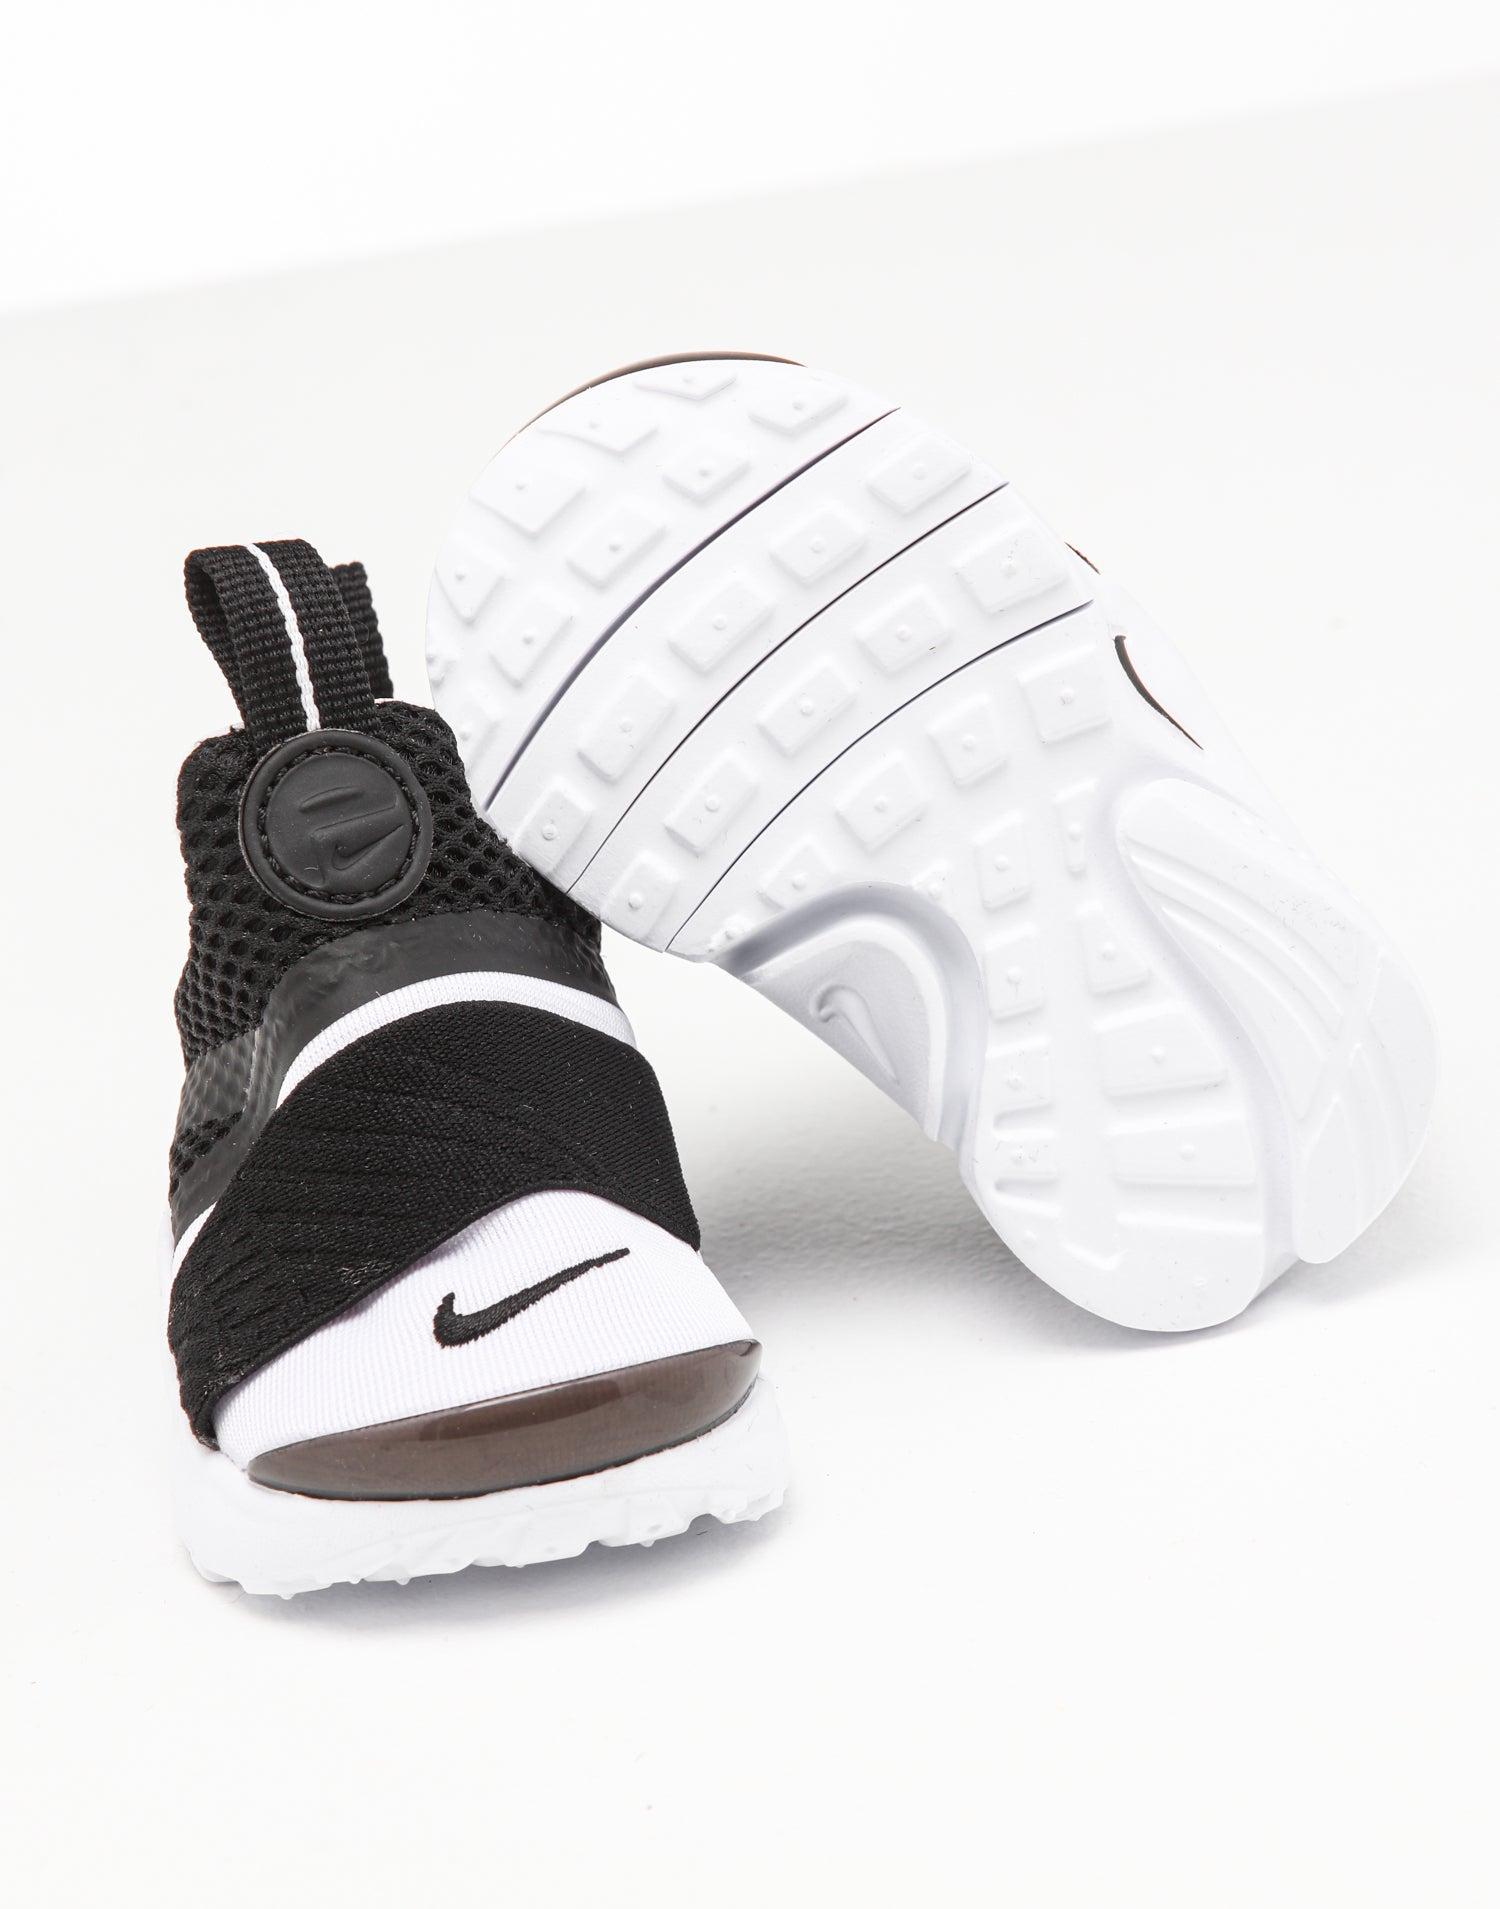 Nike Toddler Presto Extreme WhiteBlack